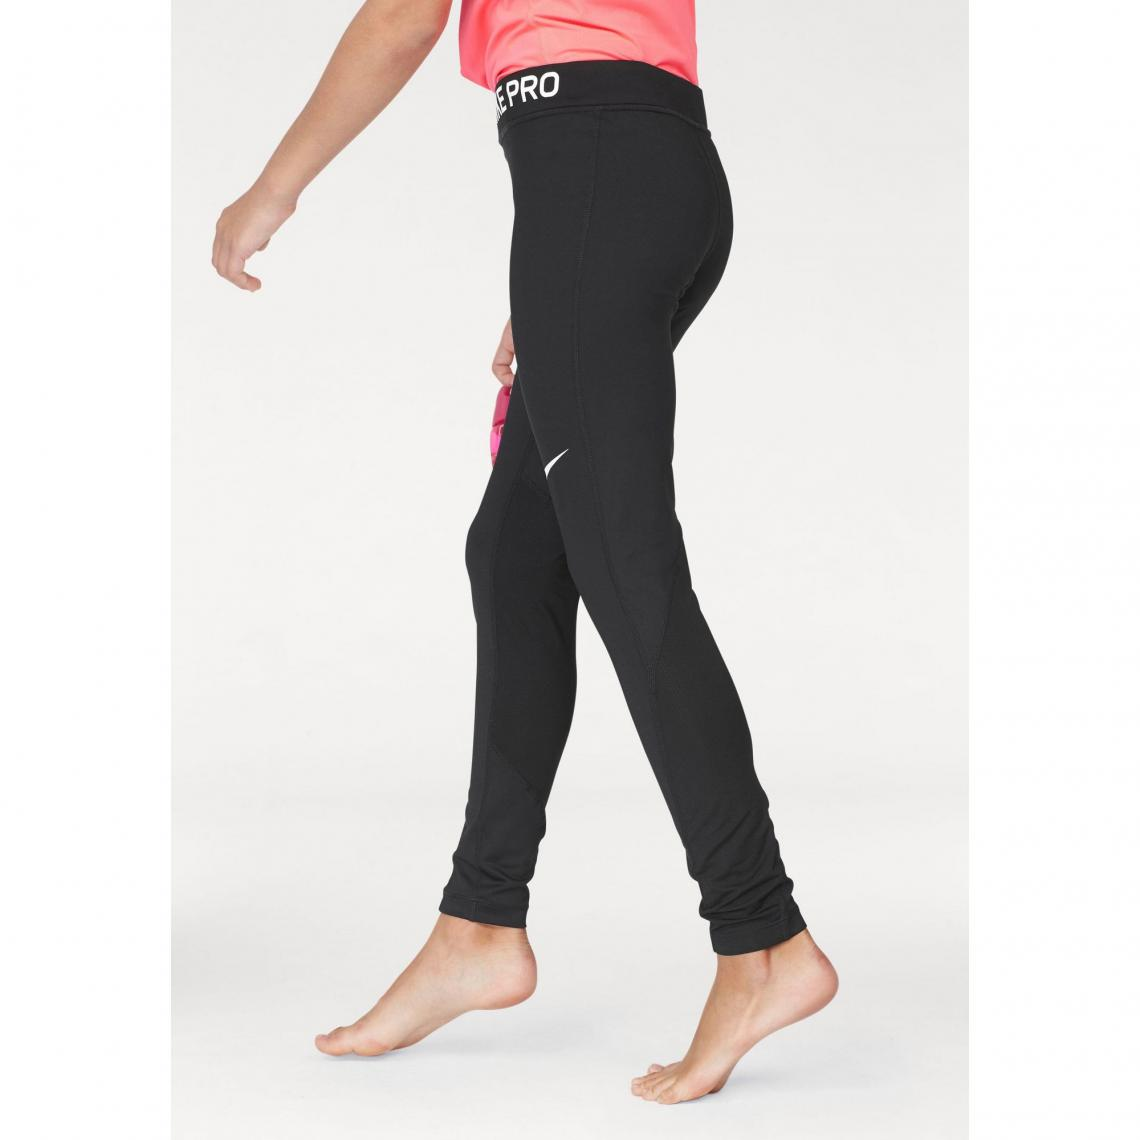 ef741b5f79bd1 Collant de training femme Nike Pro - Noir   3Suisses